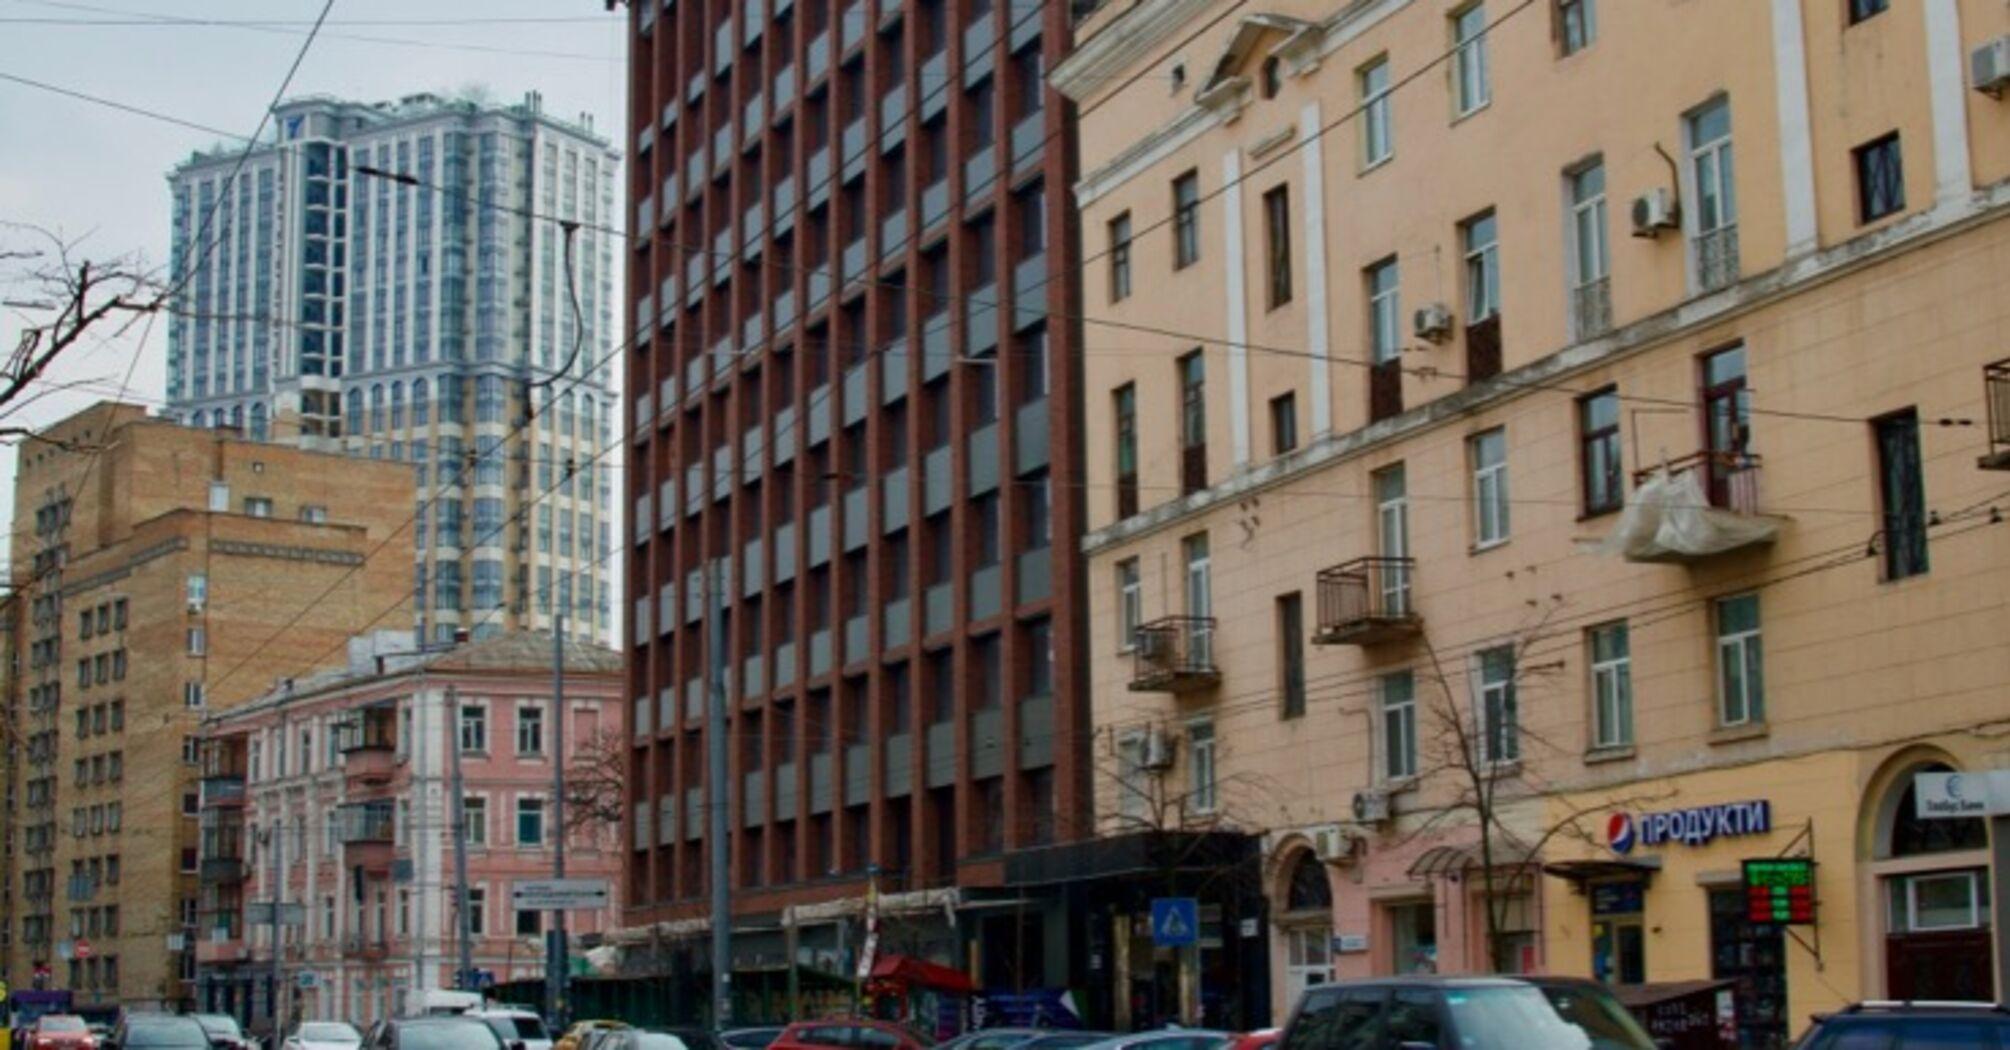 Колишній готель на Саксаганського оновлюють. Що там буде? (фото, ілюстрації)